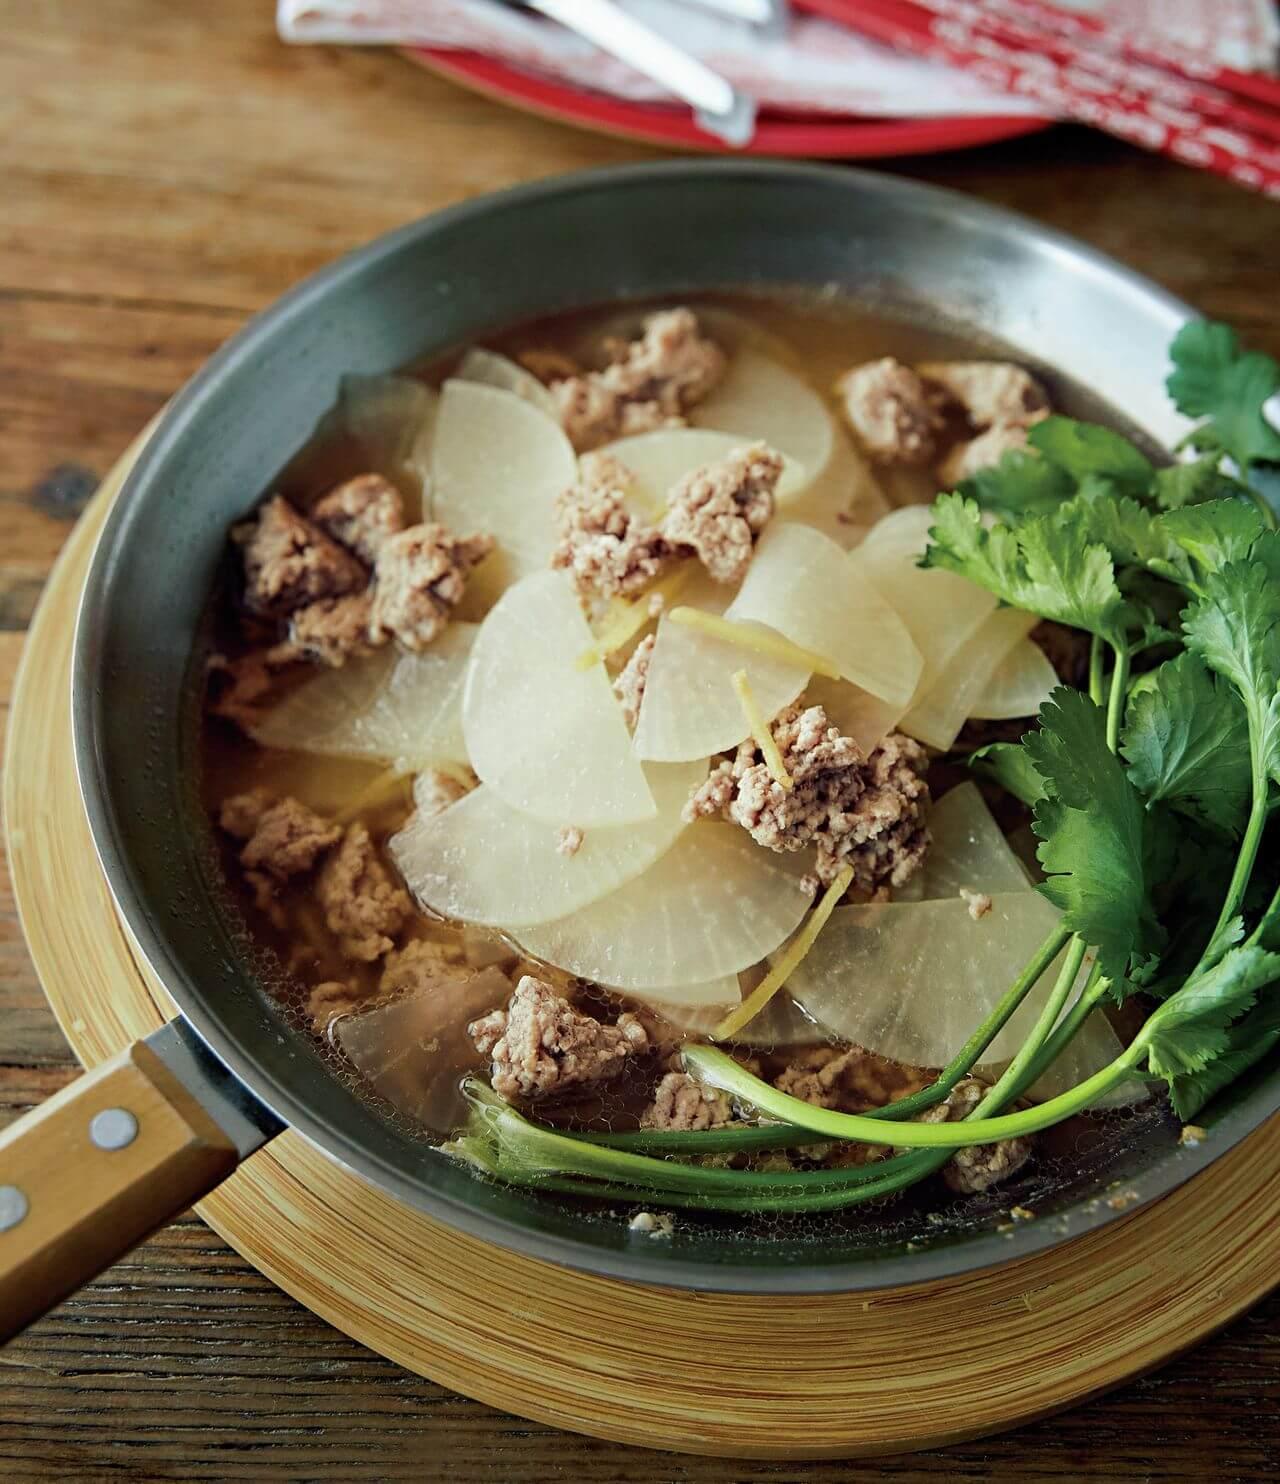 【フライパンひとつ】「ひき肉と薄切り大根の中華塩煮込み」レシピ/市瀬悦子さん